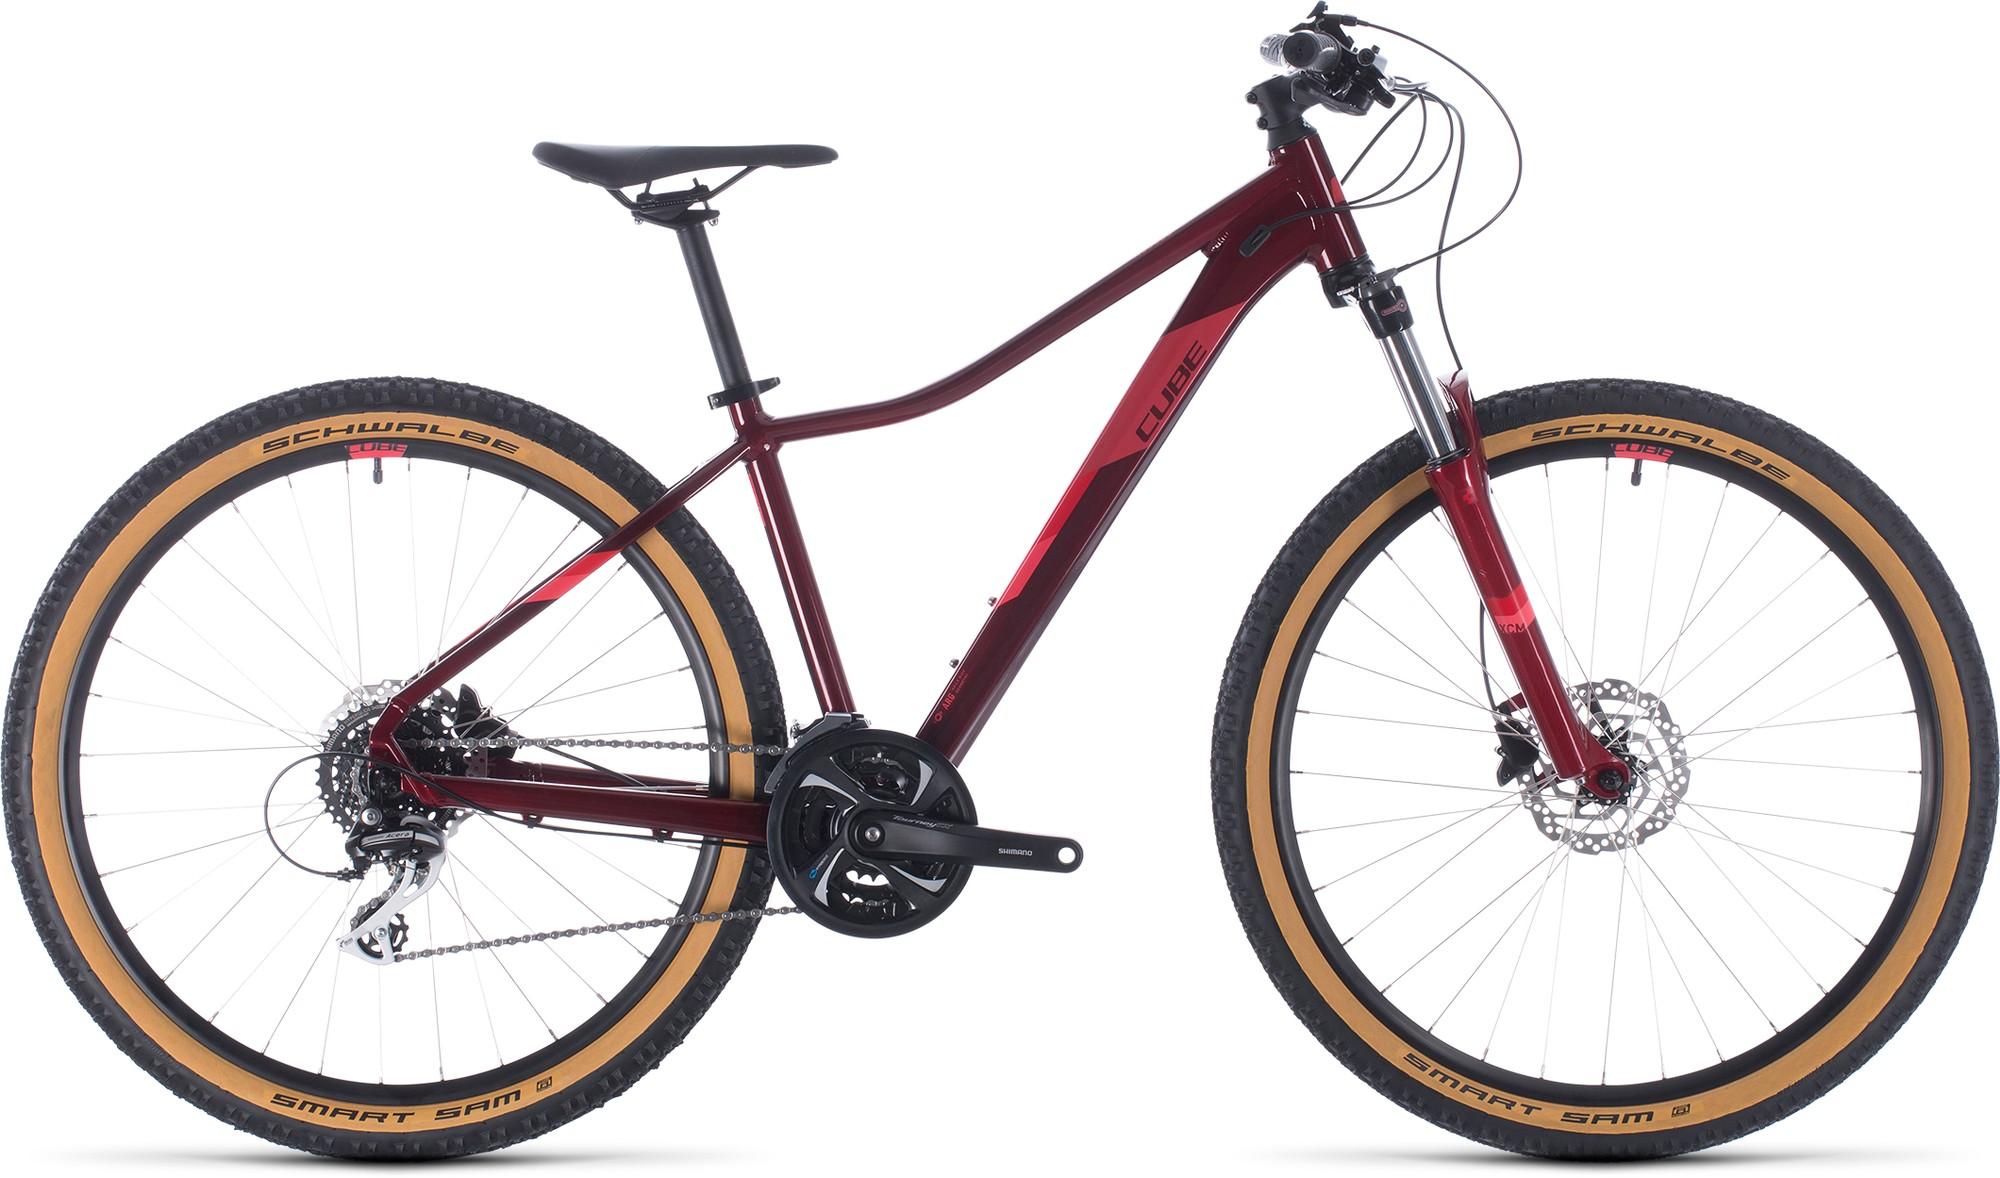 Cube Велосипед горный женский CUBE Access Ws Exc велосипед cube hyde 2018